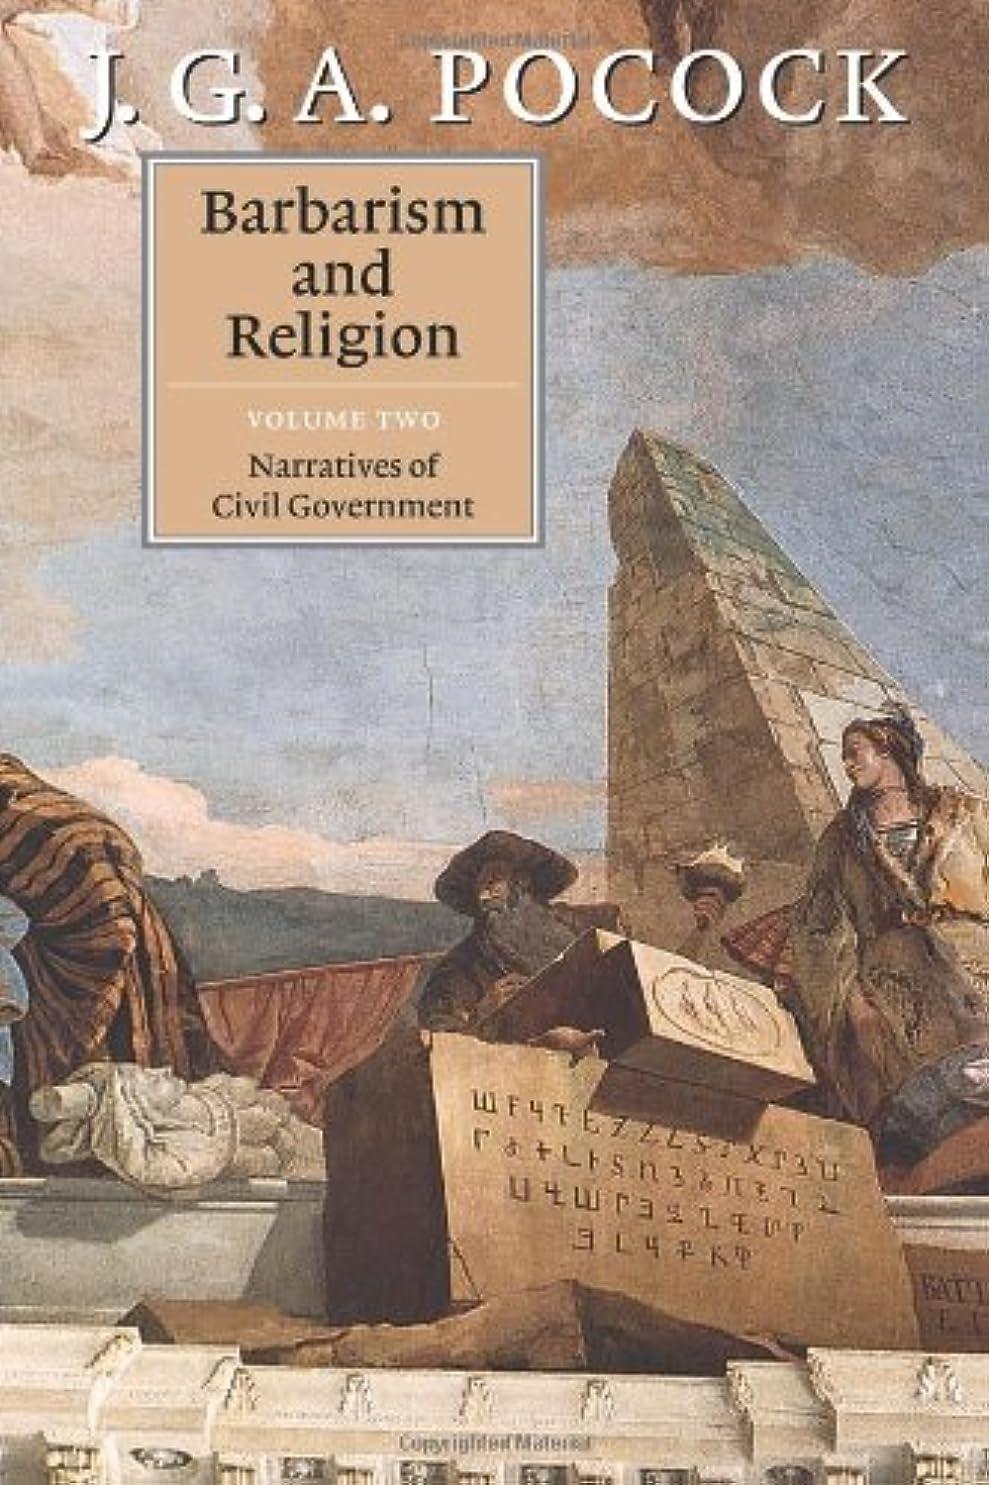 サンダーカウントアップ継続中Barbarism and Religion (Barbarism and Religion 2 Volume Paperback Set)